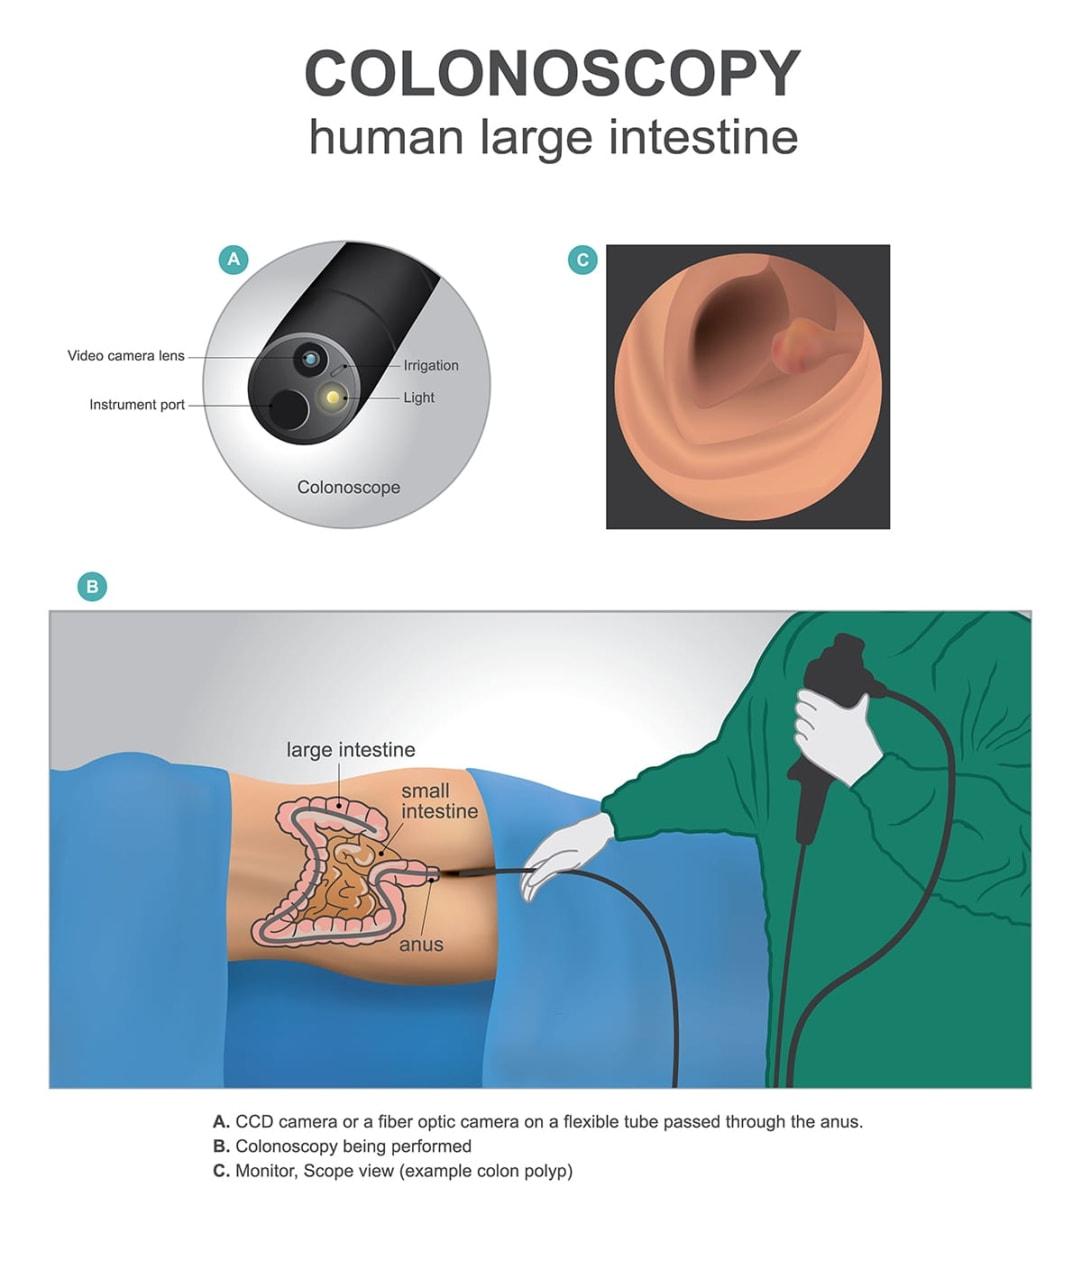 an illustration of a colonoscopy